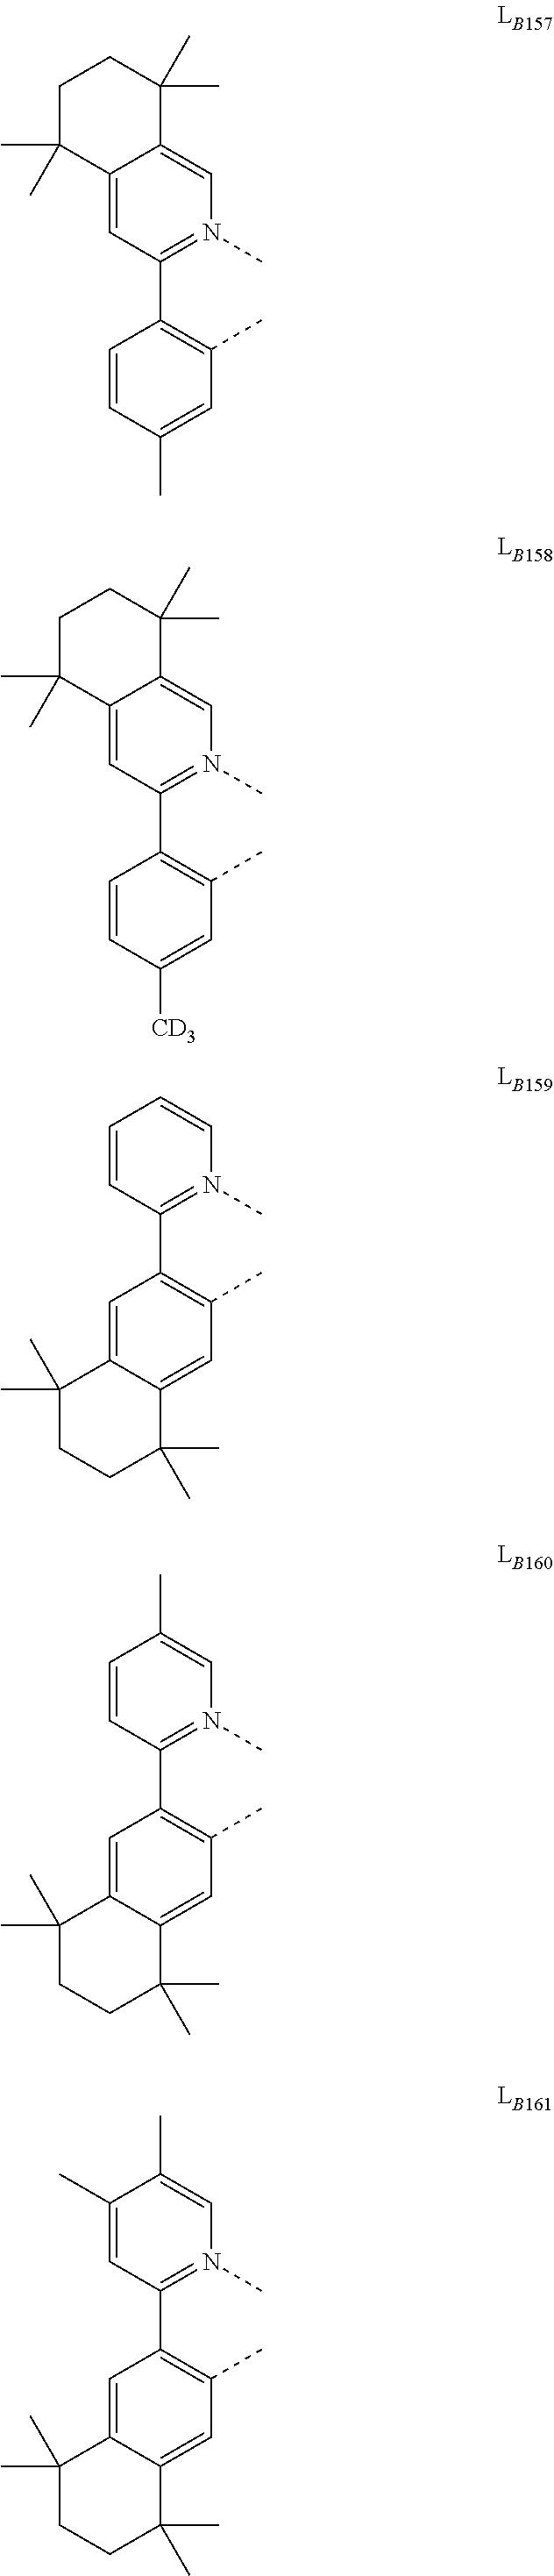 Figure US09929360-20180327-C00248